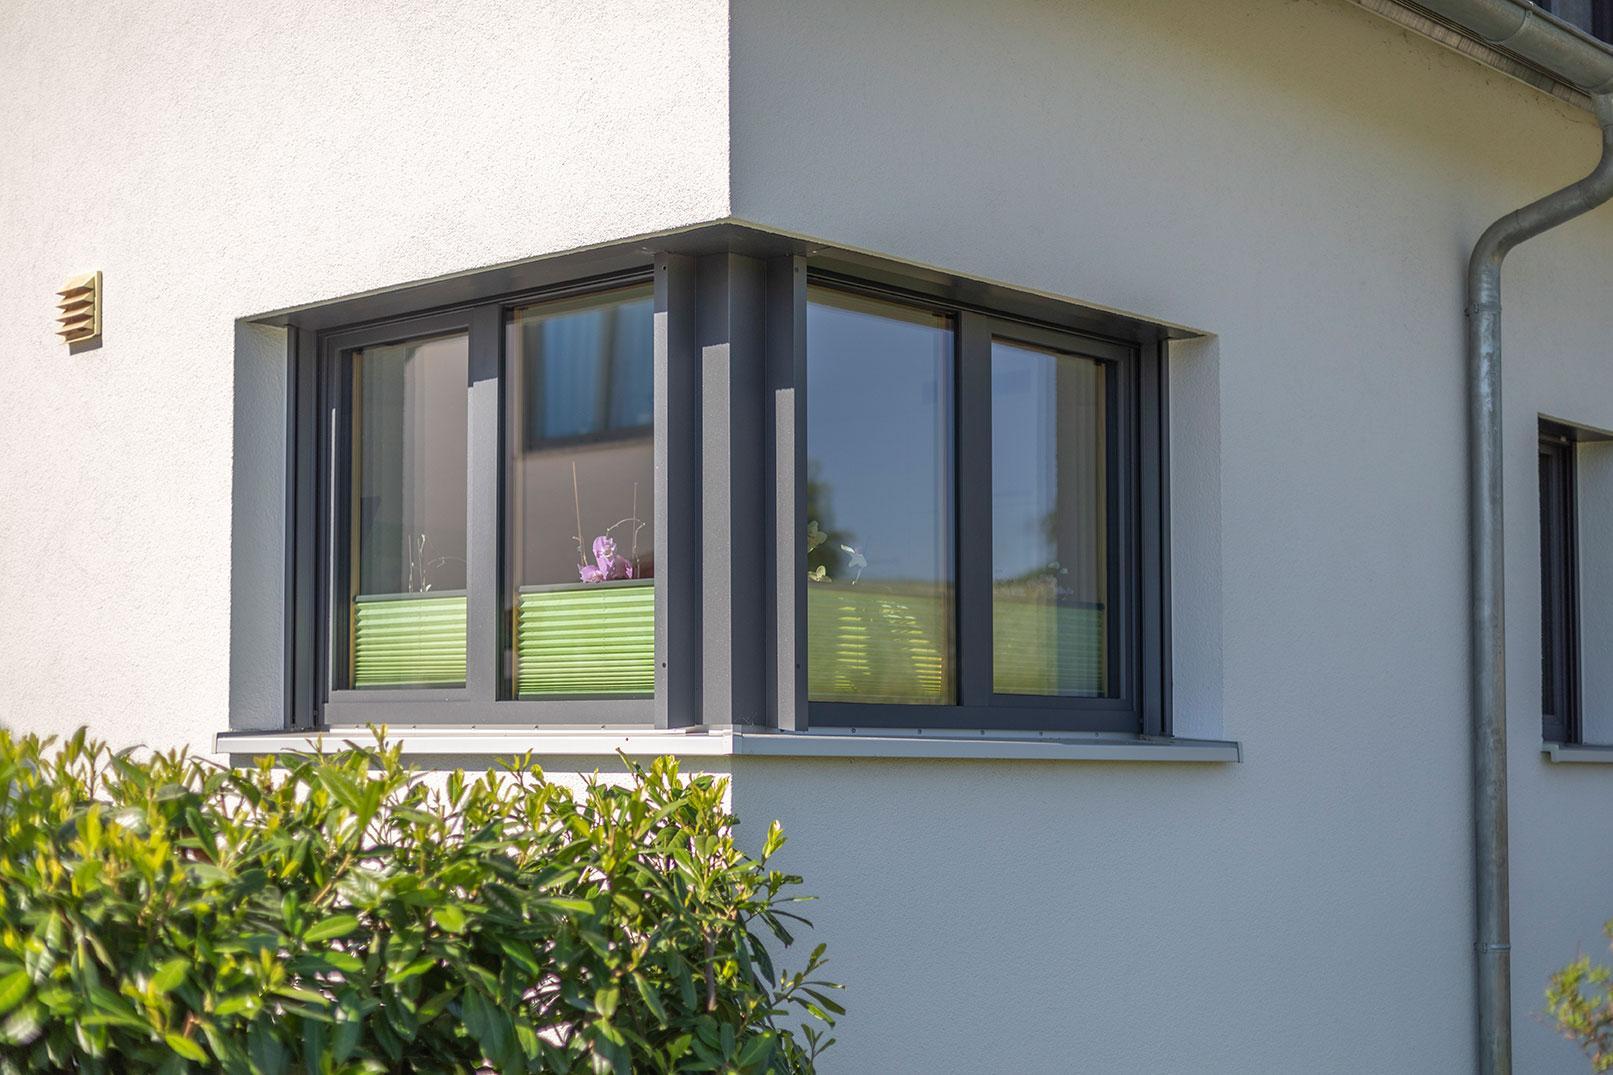 Full Size of Holz Aluminium Fenster Bachmaier Fensterbau Sicherheitsfolie Sichtschutz Obi Online Konfigurieren Landhaus Insektenschutz Für Gebrauchte Kaufen Rollos Innen Fenster Aluminium Fenster